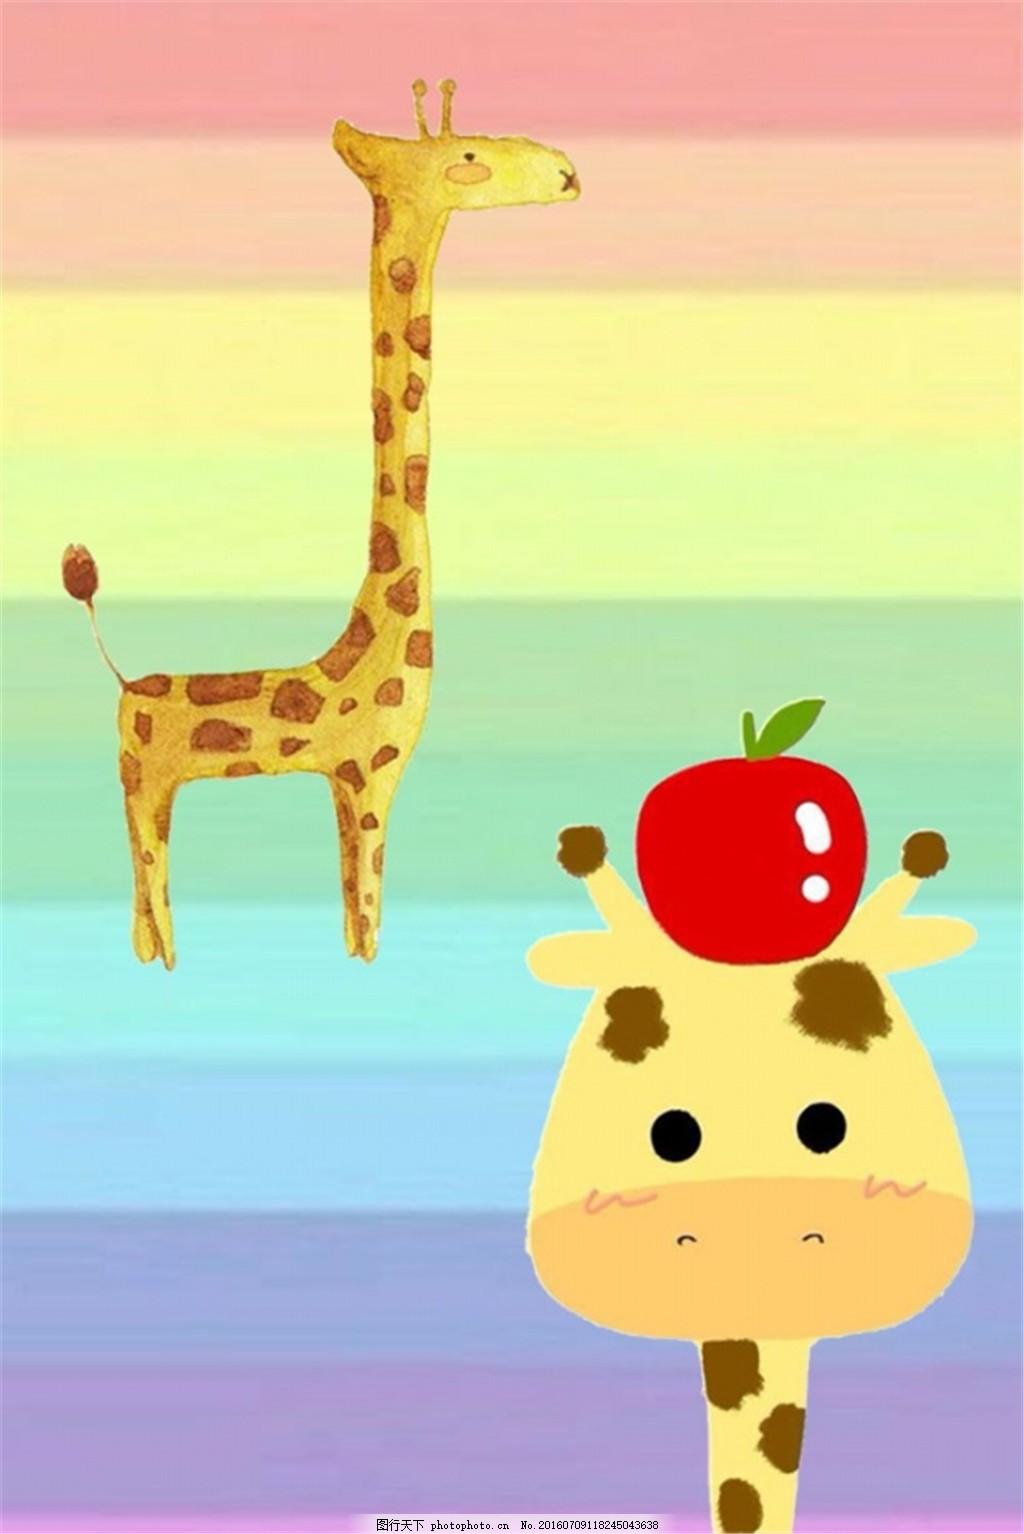 可爱长颈鹿彩虹背景 长颈鹿 苹果 彩虹 背景图 动物 可爱 psd 黄色